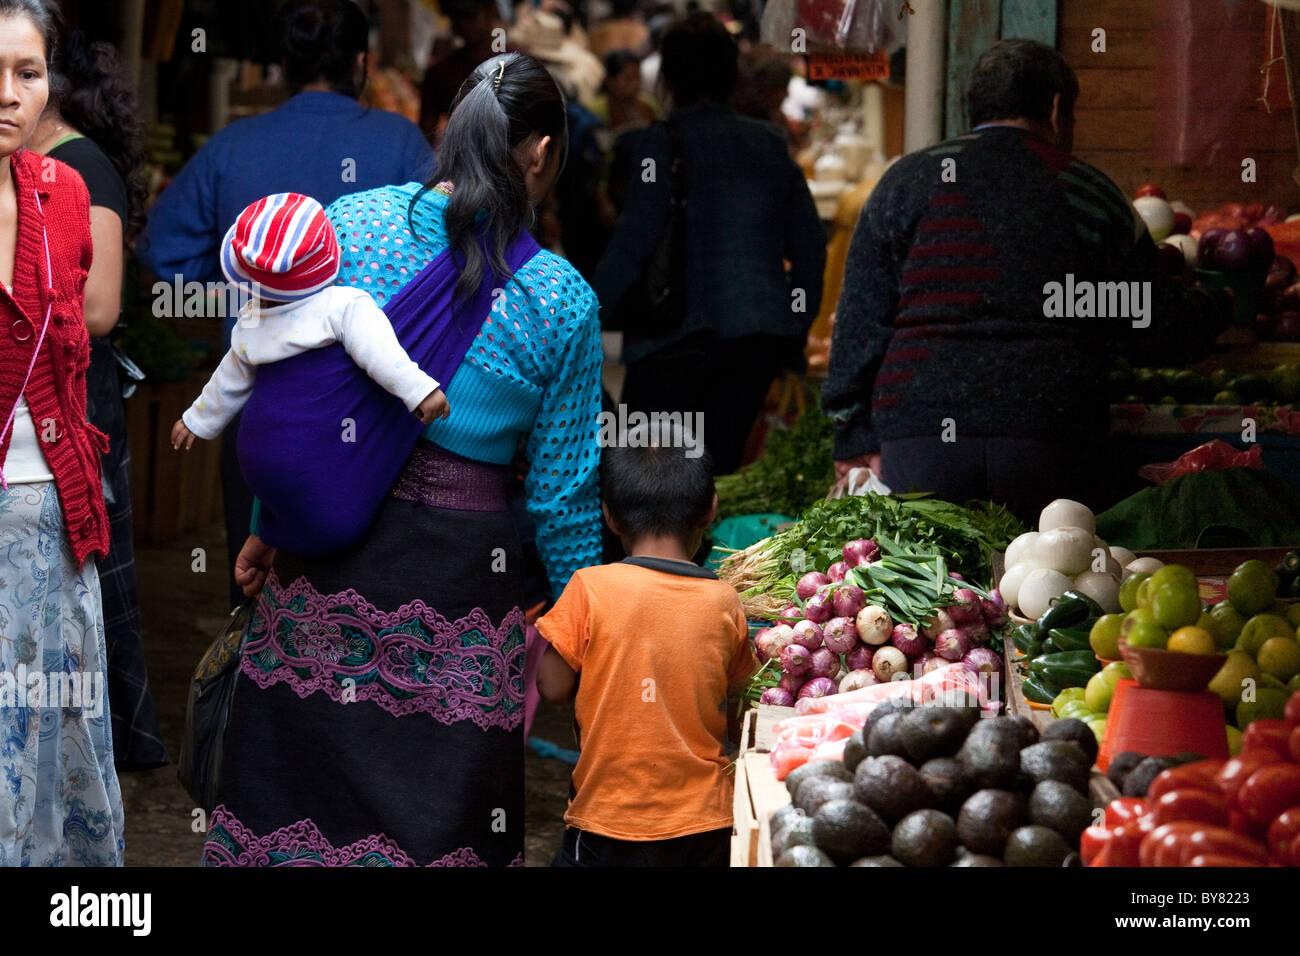 Mercado Municipal, San Cristobal de las Casas, Chiapas, Mexico - Stock Image